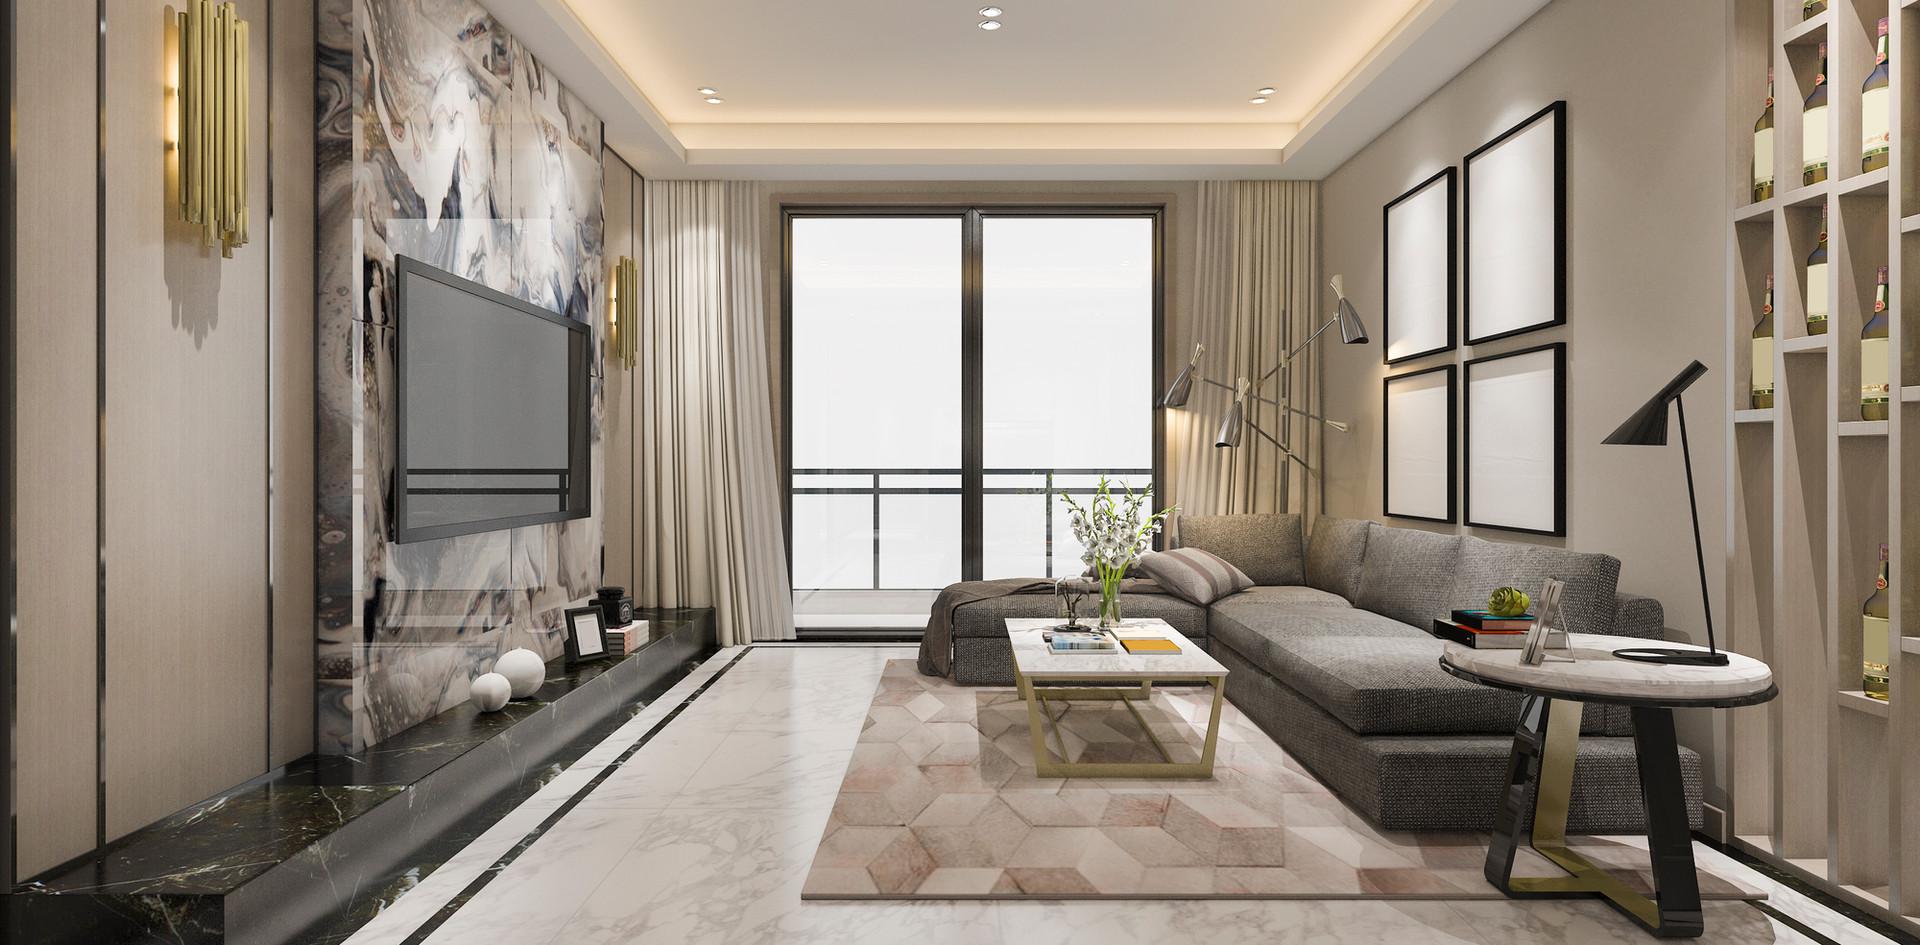 Sala de estar em mármore